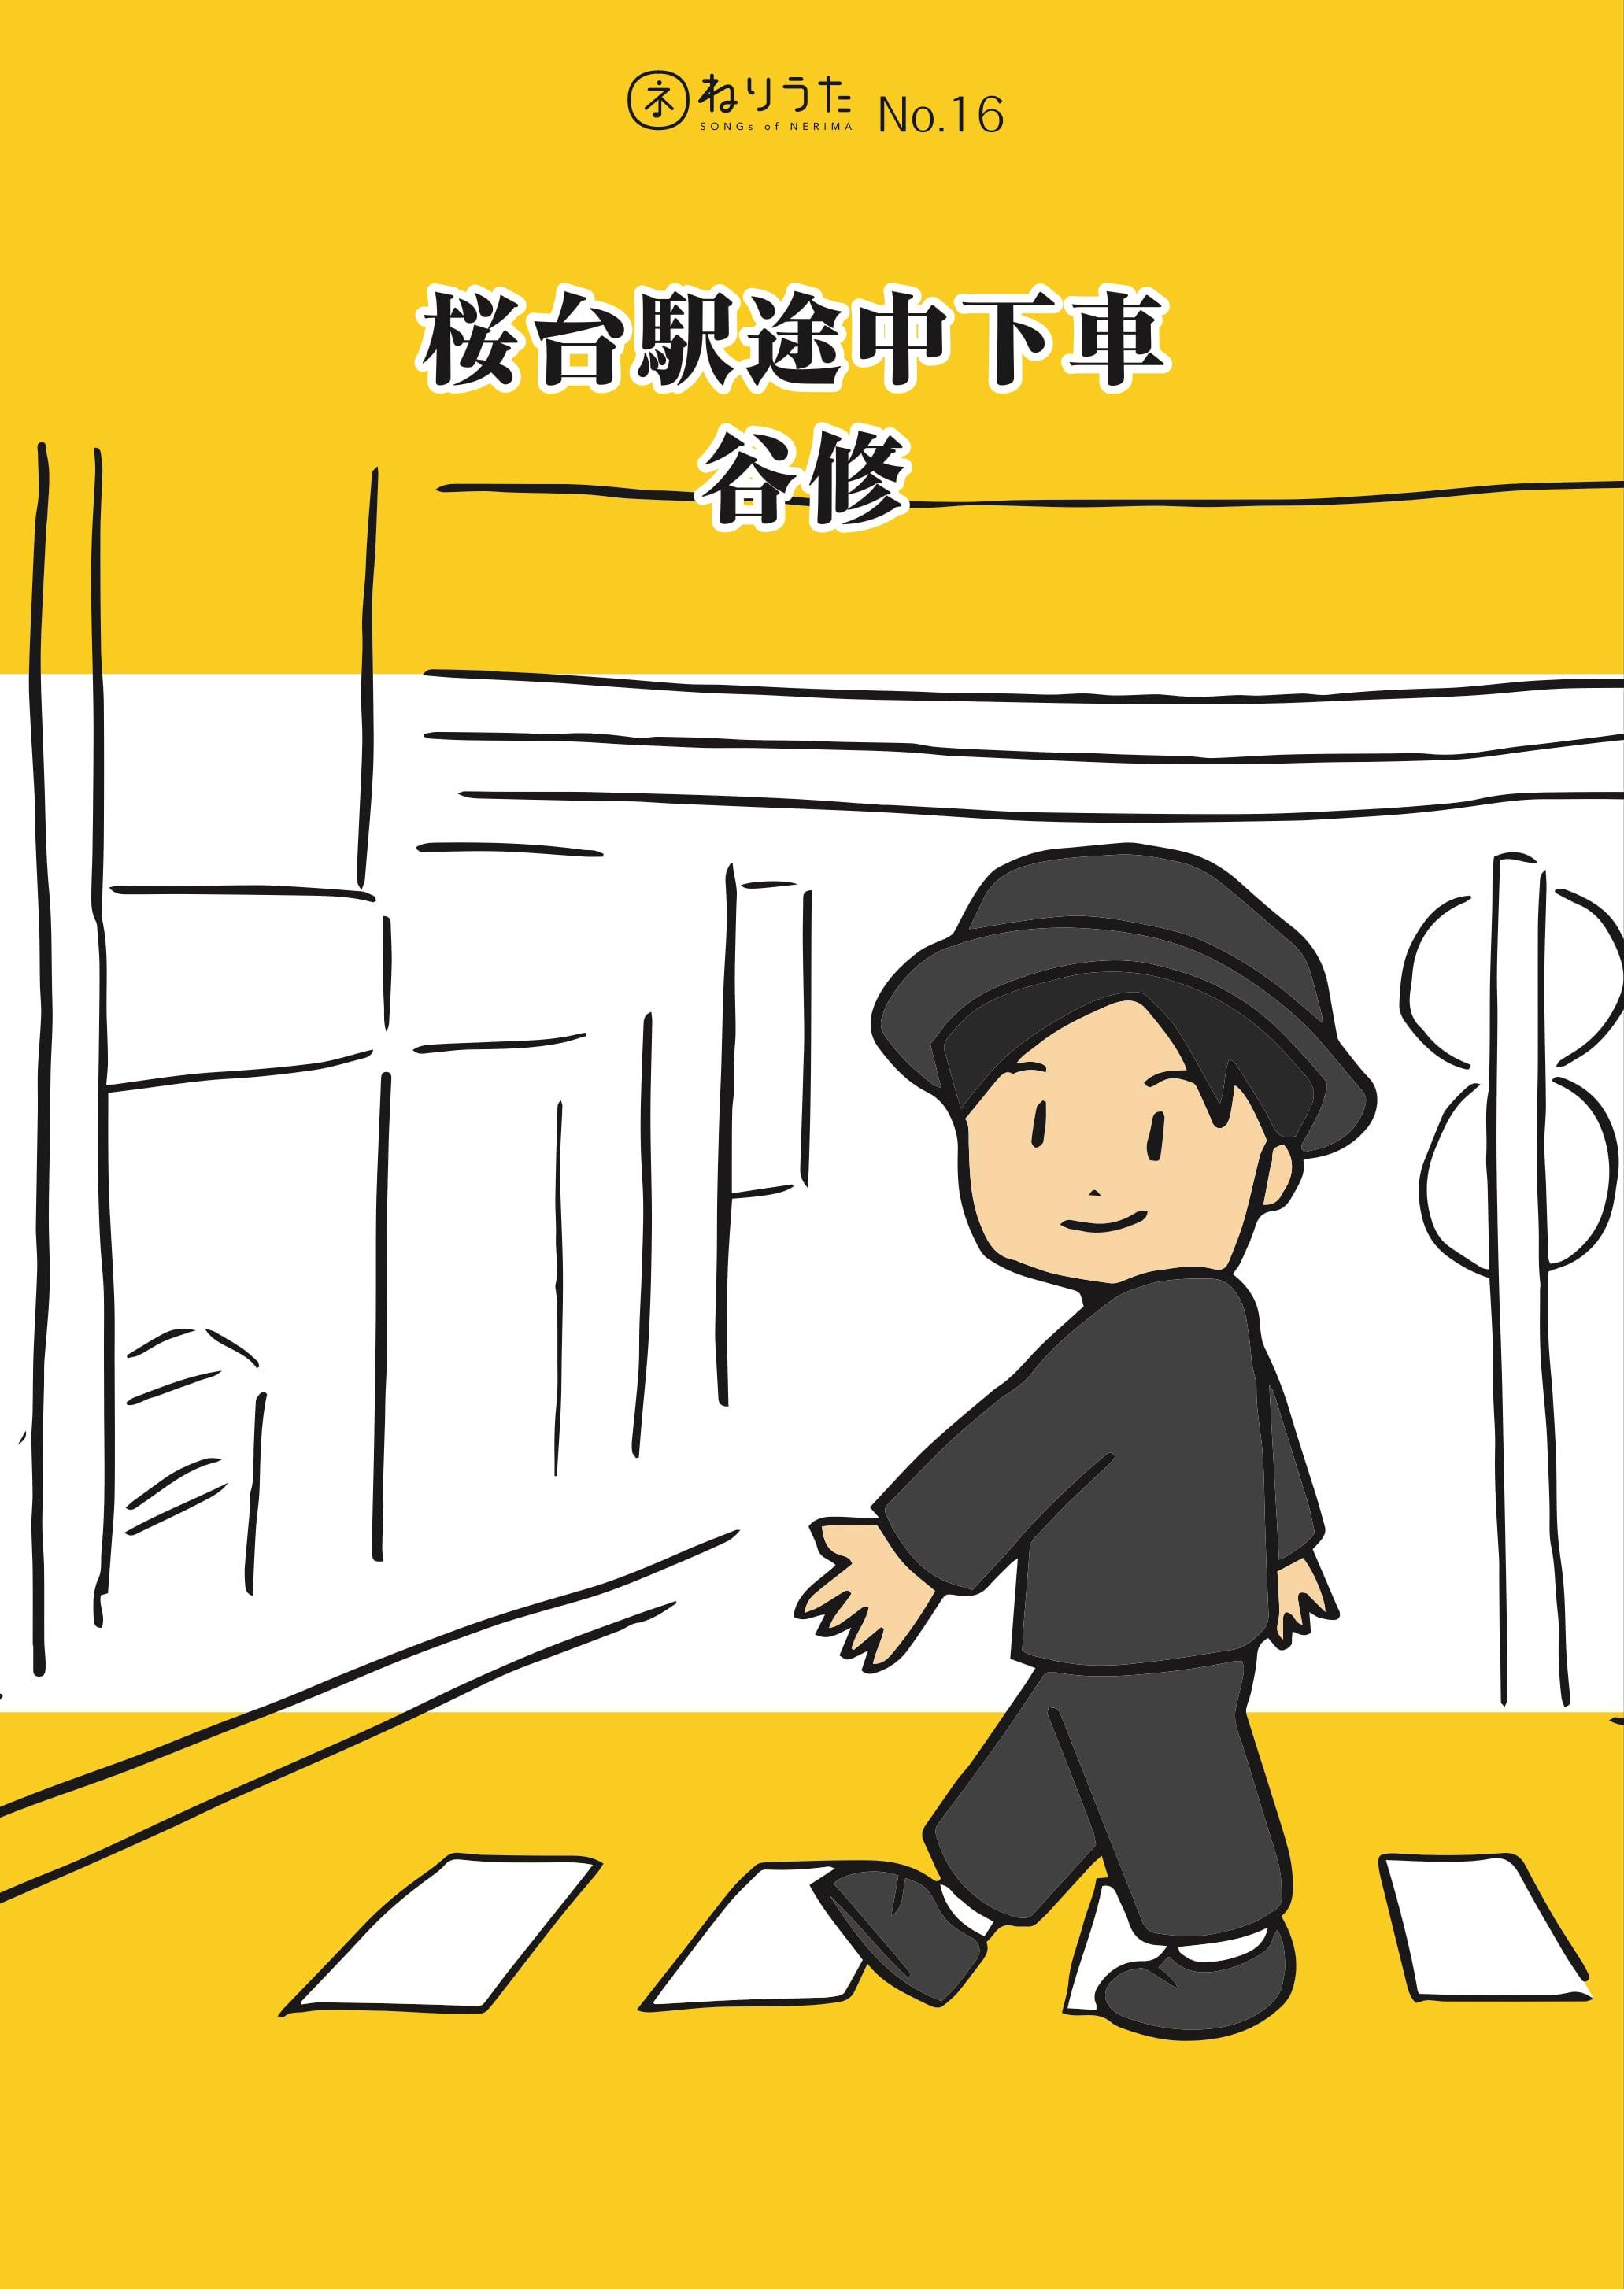 ねりうた #16 「桜台駅途中下車」ダウンロード版